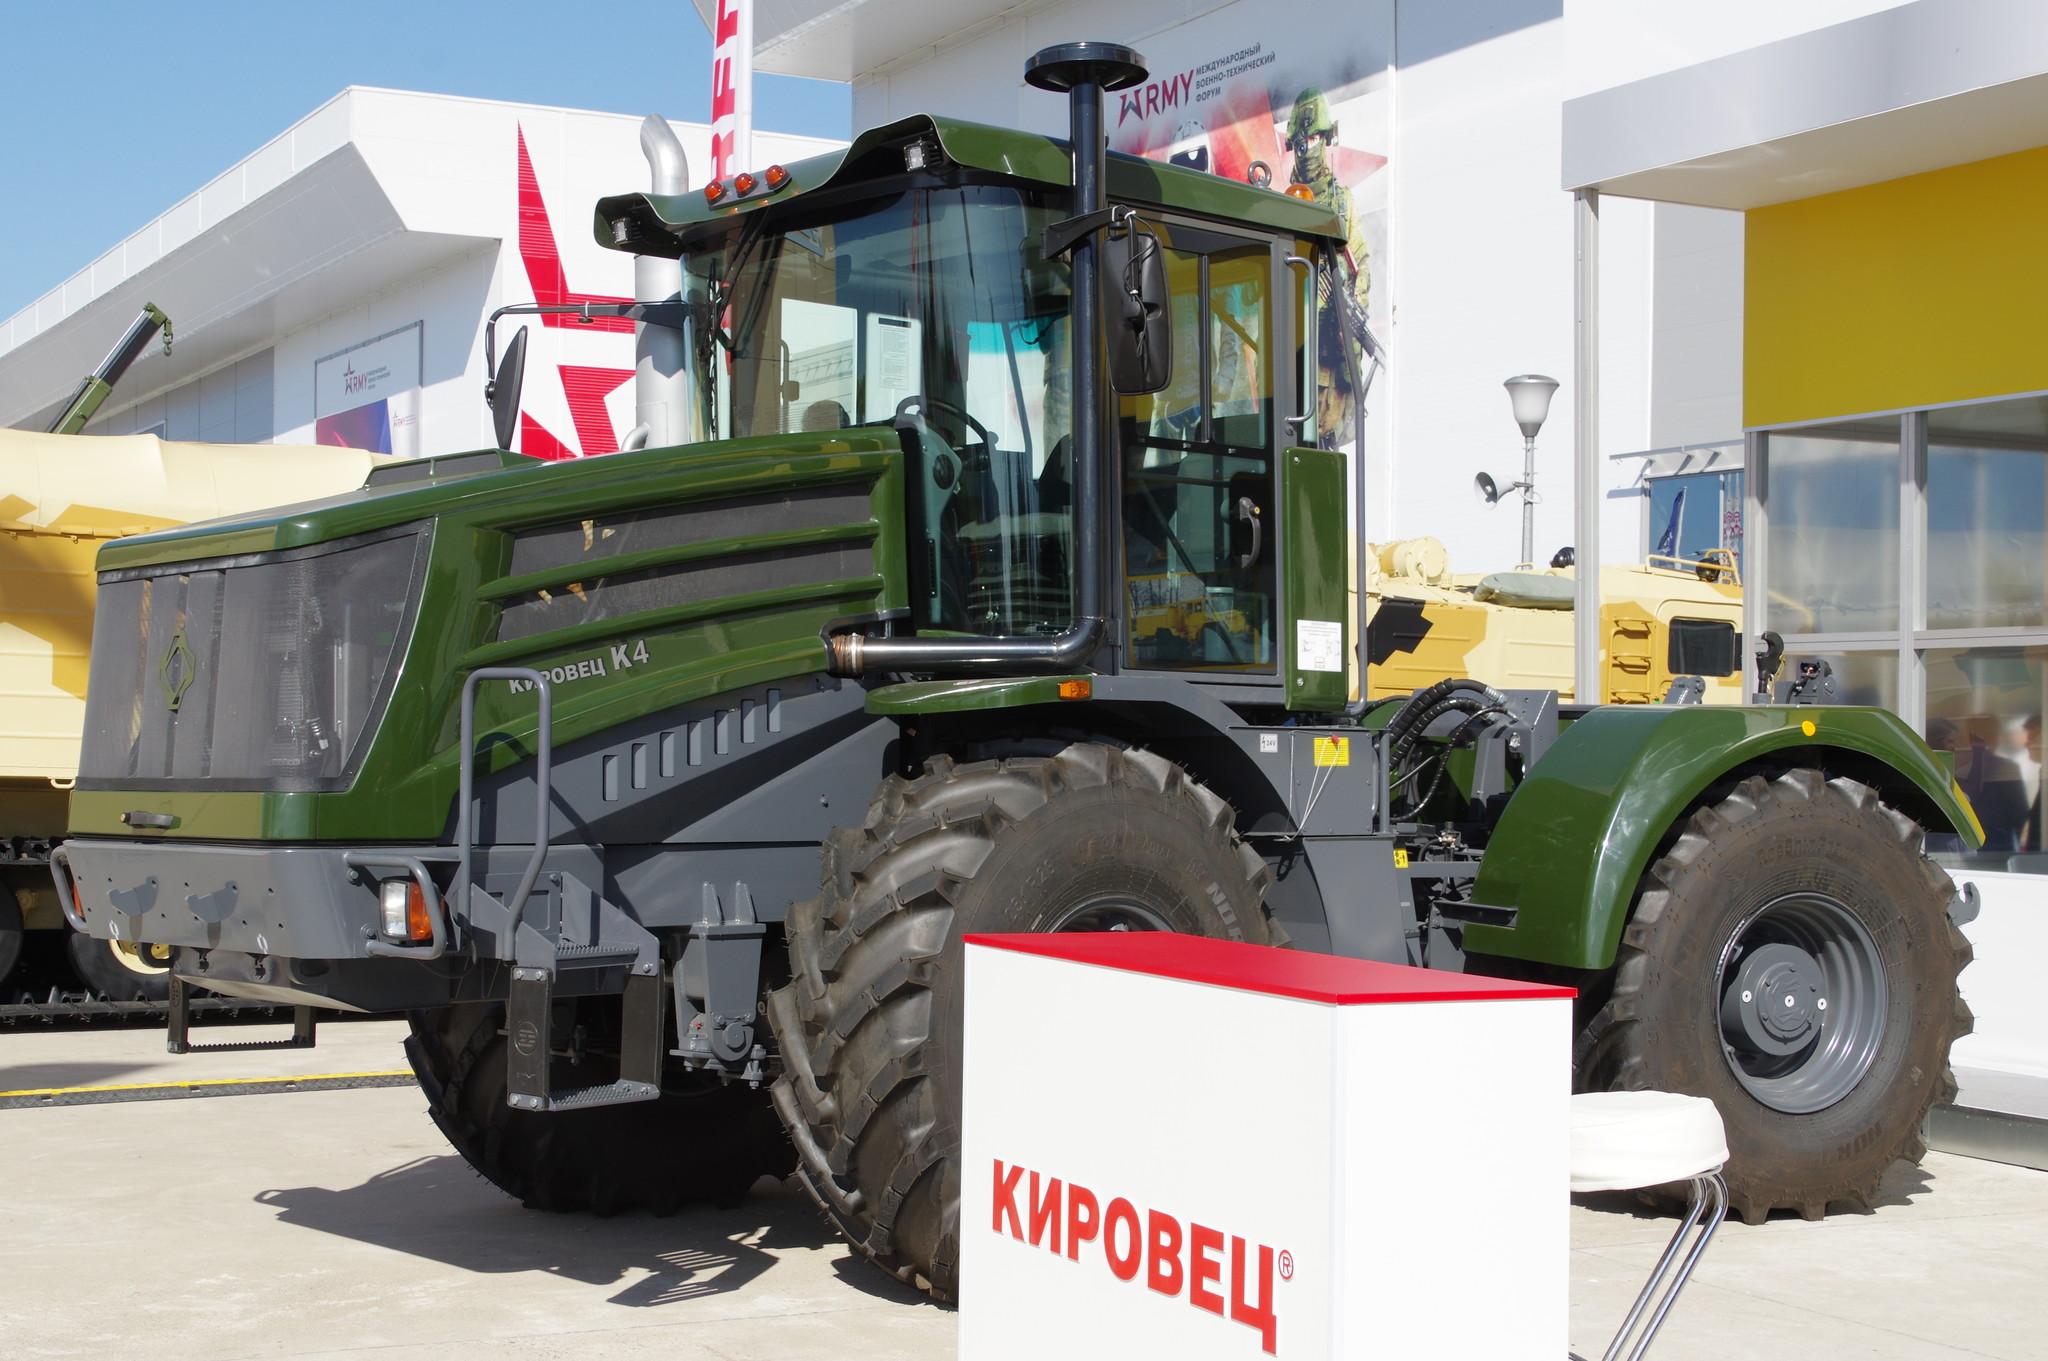 Трактор К-4 «Кировец»